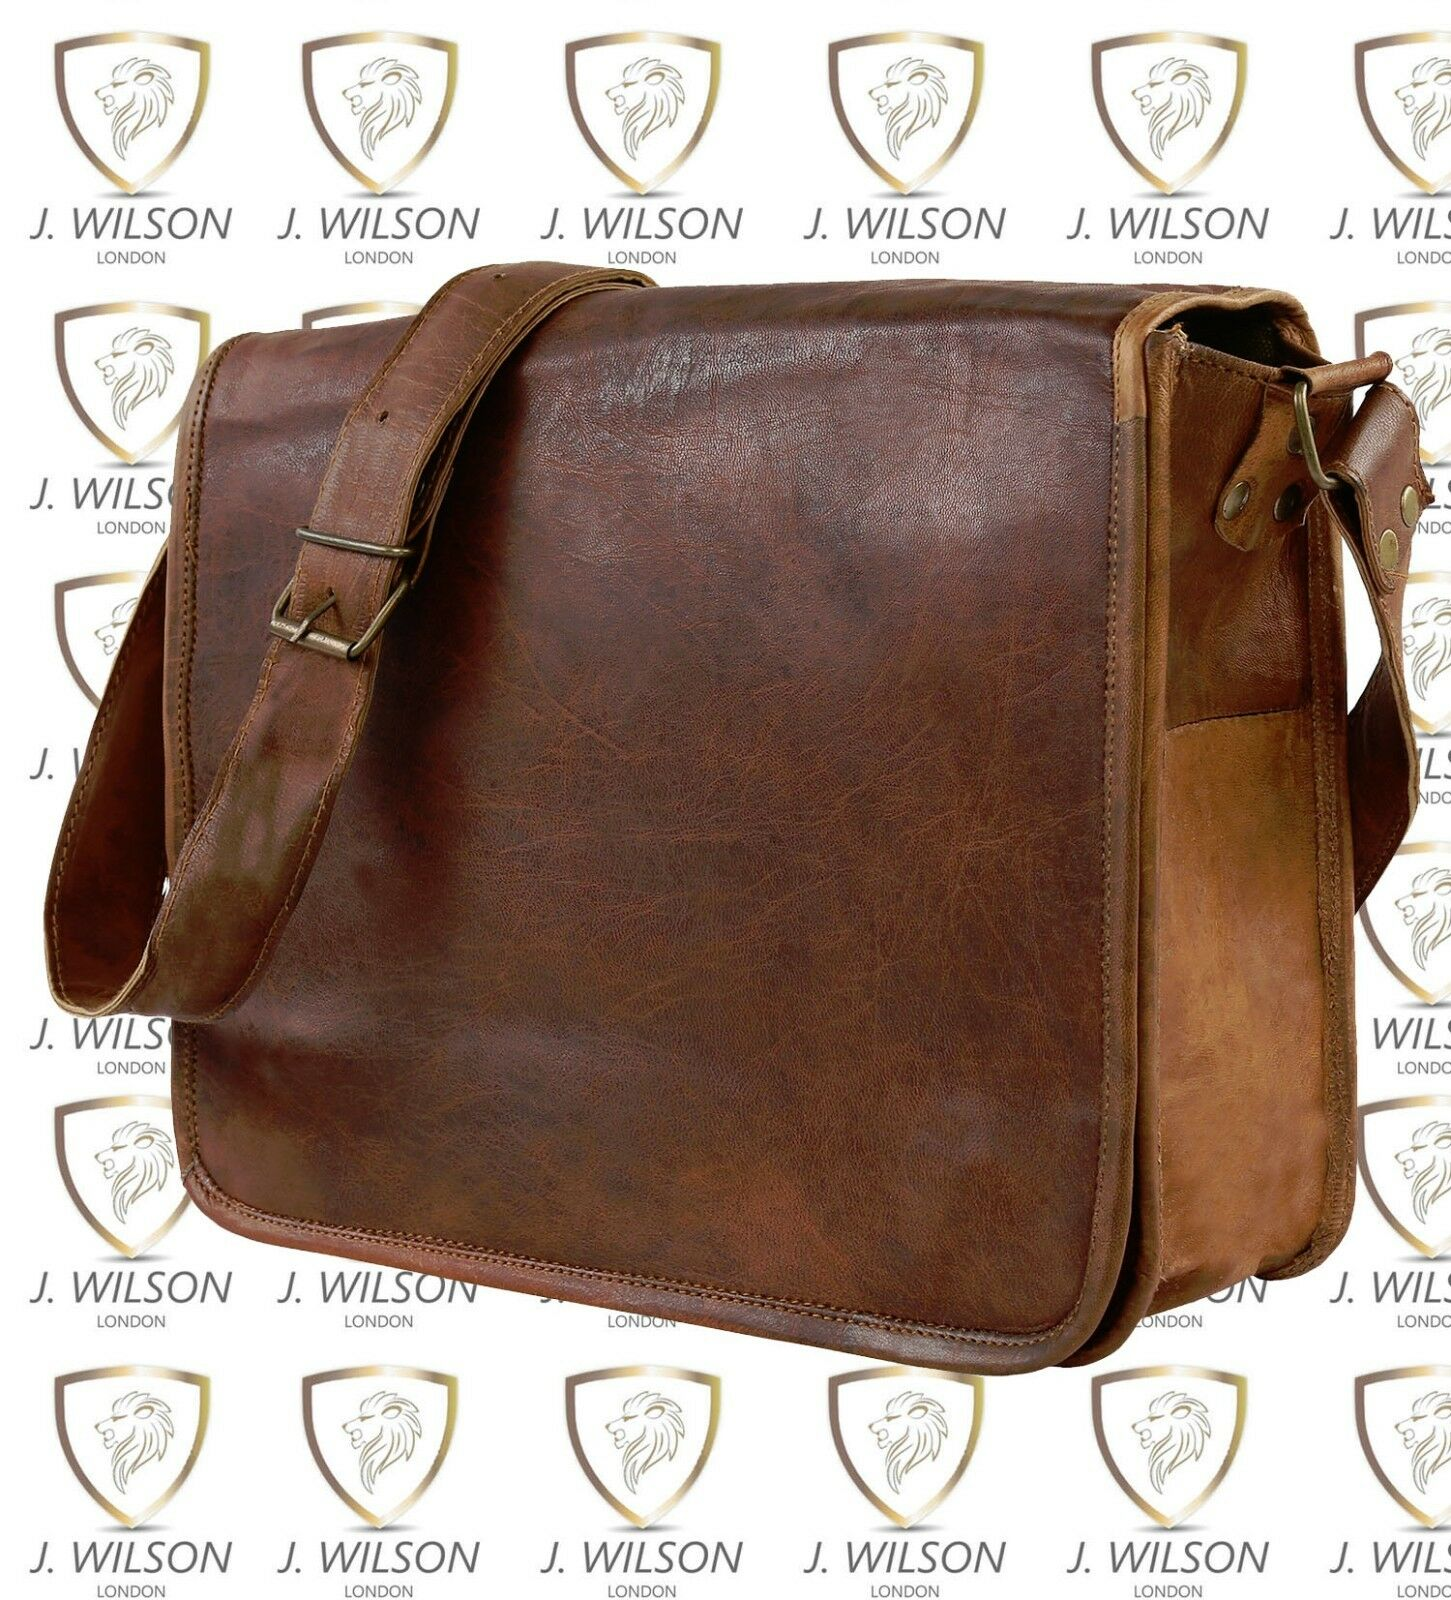 Leder Handgefertigte Designer J Wilson Tasche Vintage Klappe 33cm    | Günstige Bestellung